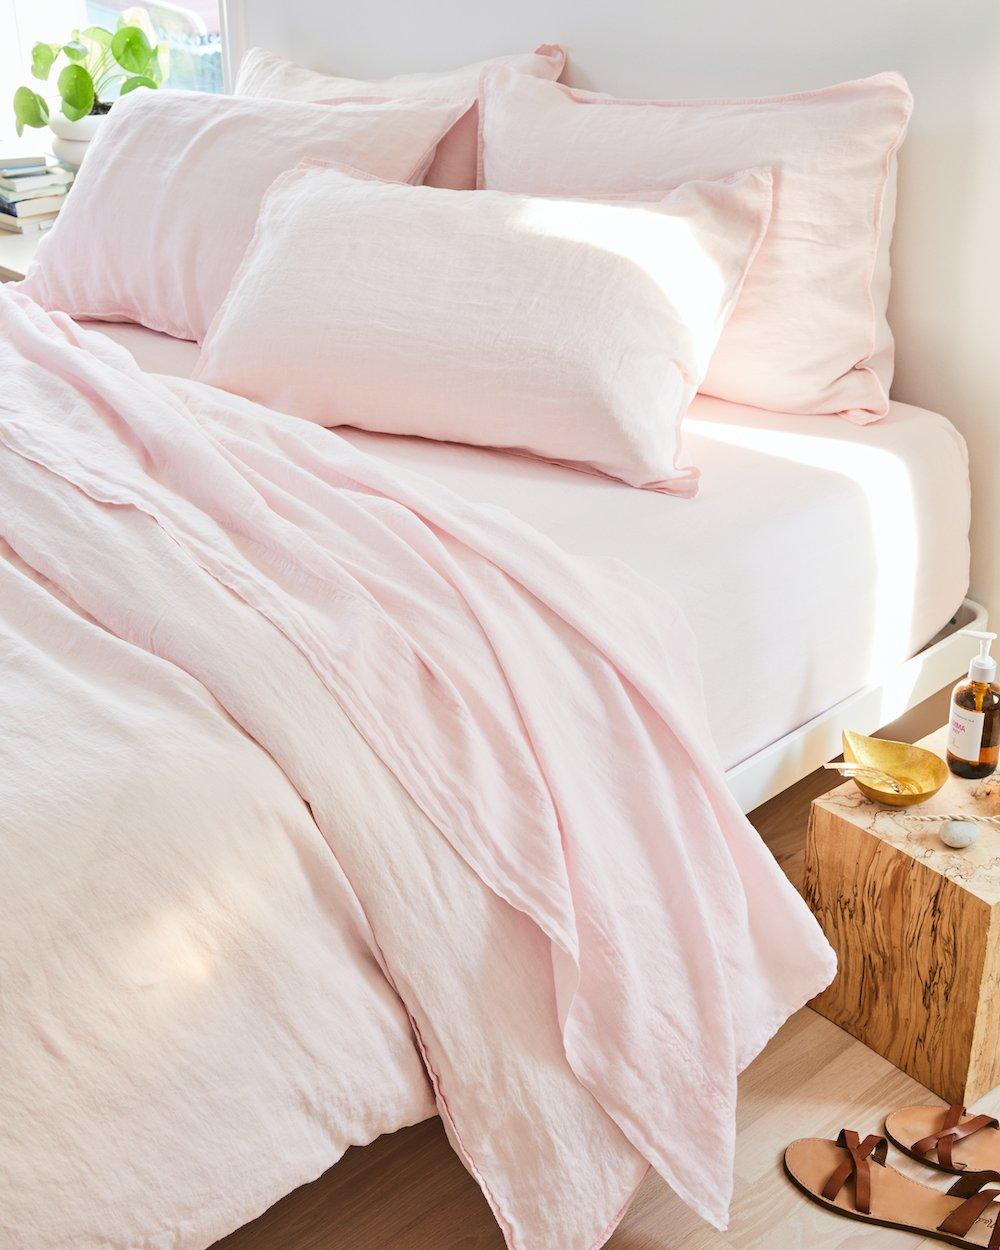 best linen bedding from Brooklinen